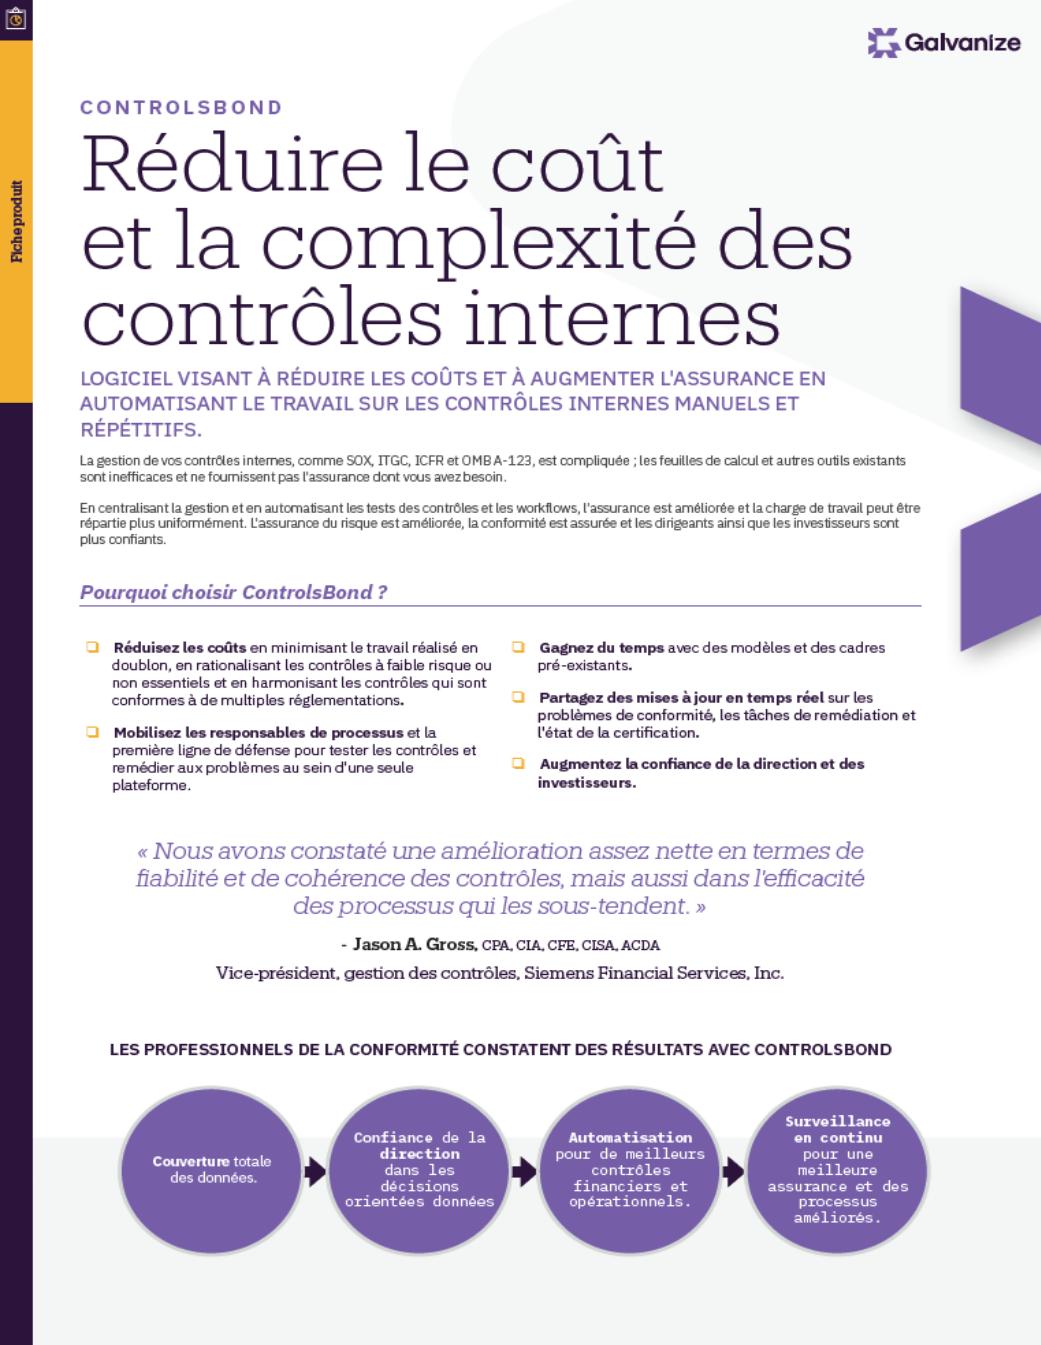 Réduire le coût et la complexité des contrôles internes